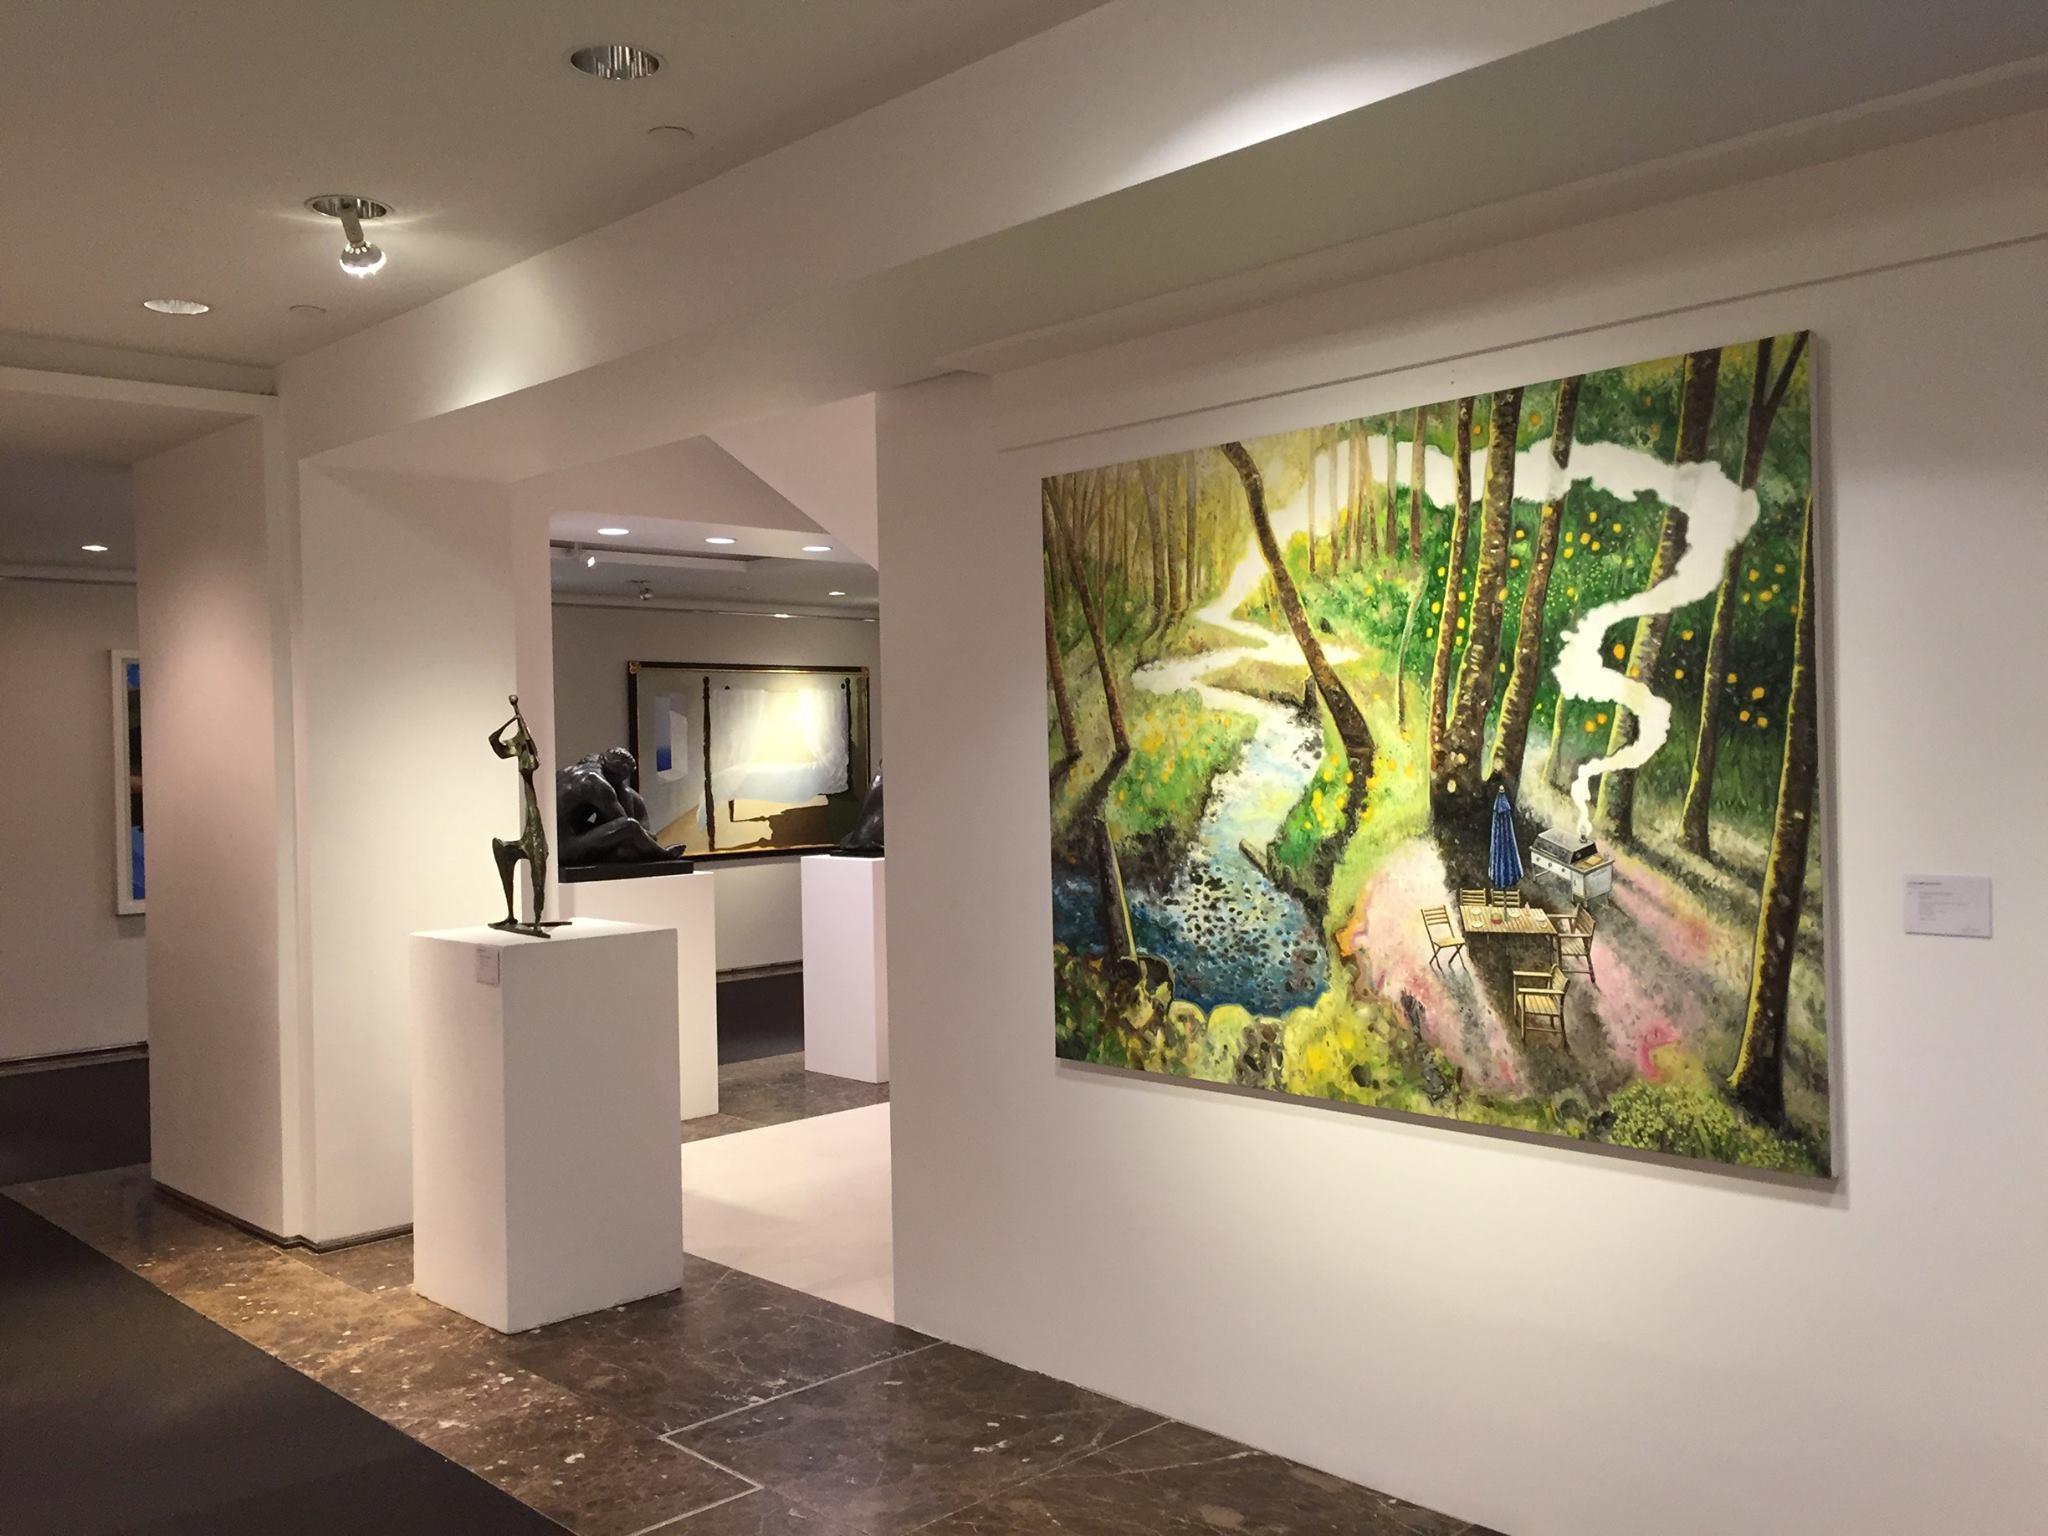 oscar-oiwa-entrevista-dionsio-arte-4